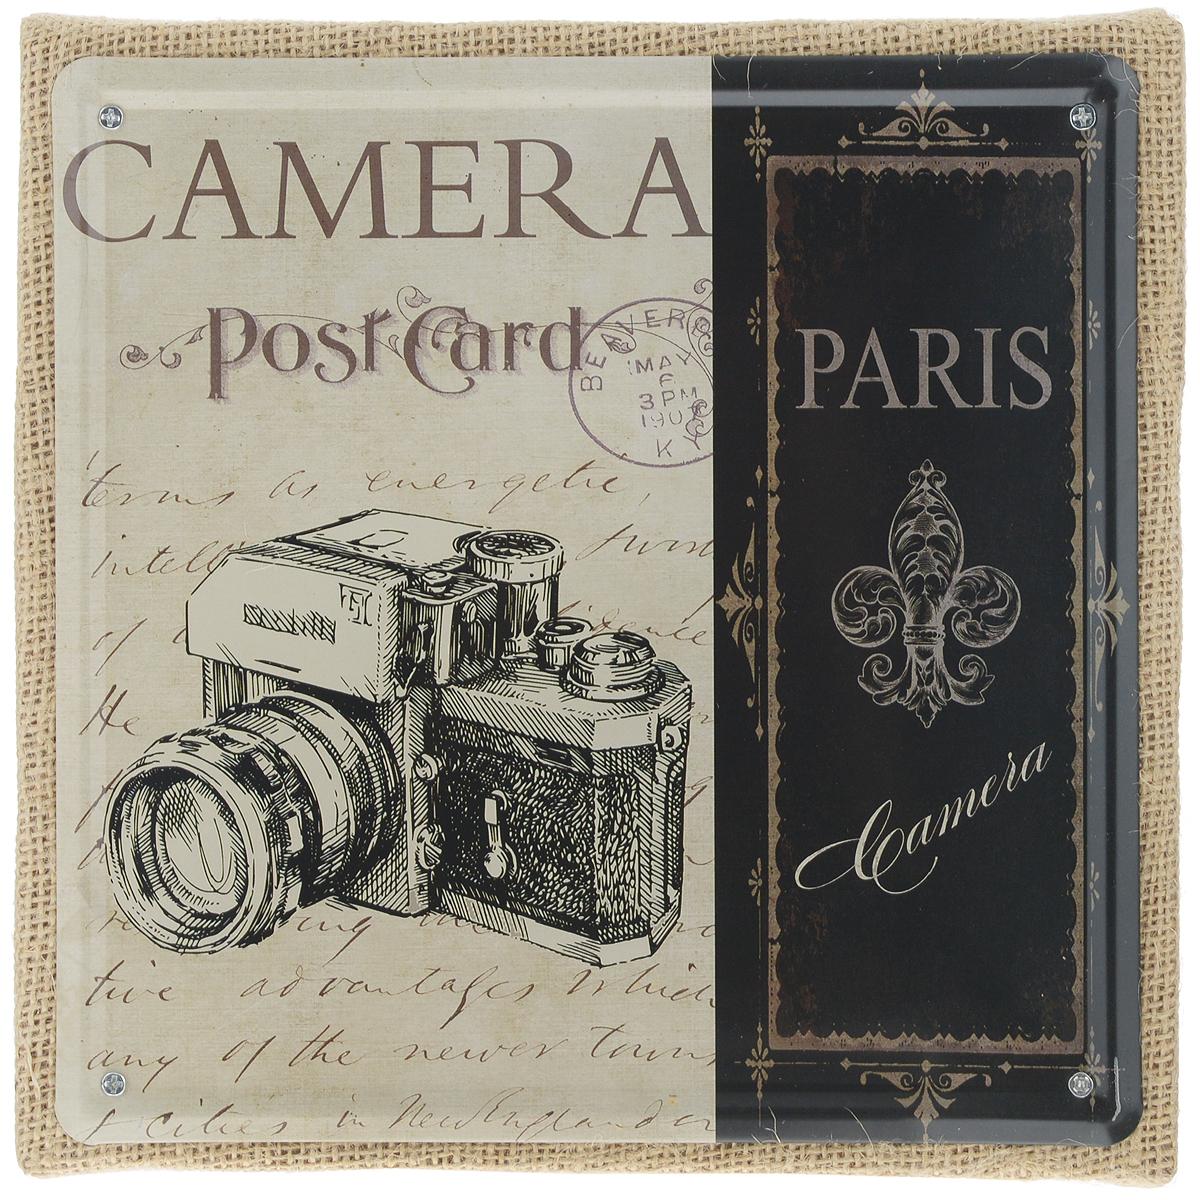 Постер в рамке Феникс-презент Фотоаппарат, 20 х 20 см37429Постер Феникс-презент Фотоаппарат выполнен из черного металла в рамке из МДФ, которая обтянута натуральным льном. На постере изображен старый фотоаппарат с надписями. Постер в раме заинтересует всех любителей оригинальных вещиц и доставит массу положительных эмоций своему обладателю.Из мелочей складывается стиль интерьера. Постер в рамке Феникс-презент Фотоаппарат одна из тех деталей, которые придают дому обжитой вид и создают ощущение уюта.Размер постера 20 см х 20 см. Размер с рамки: 21 см х 21 см х 2 см.